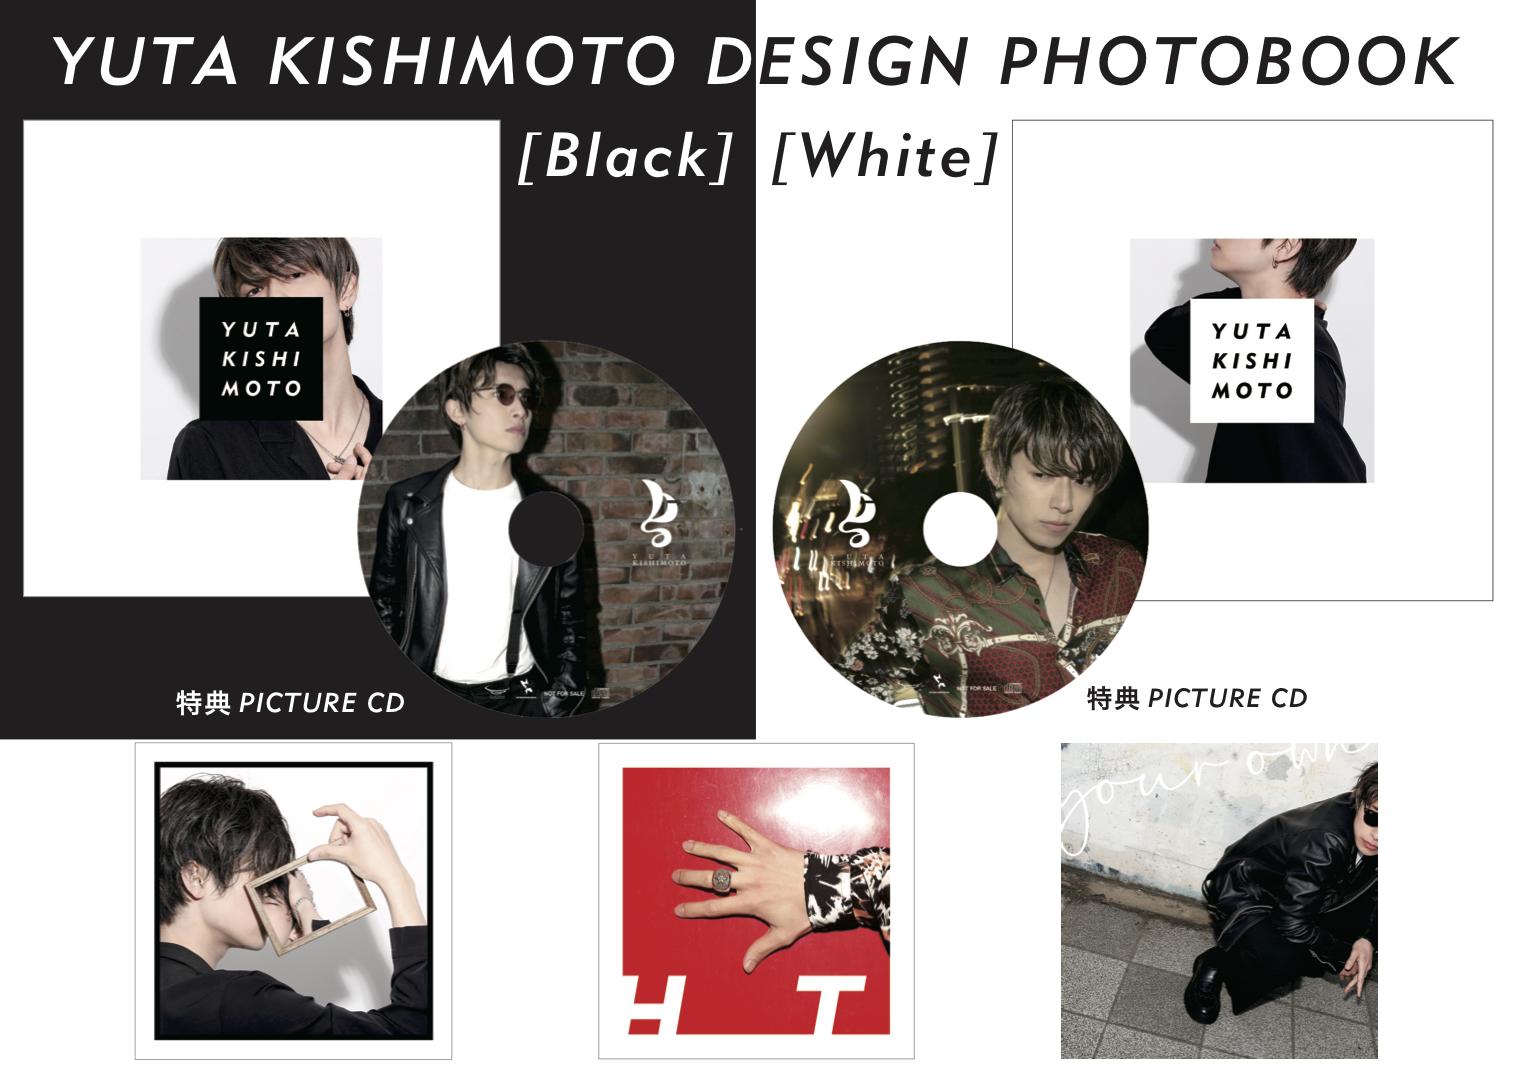 yutakishimotophotobook.jpg